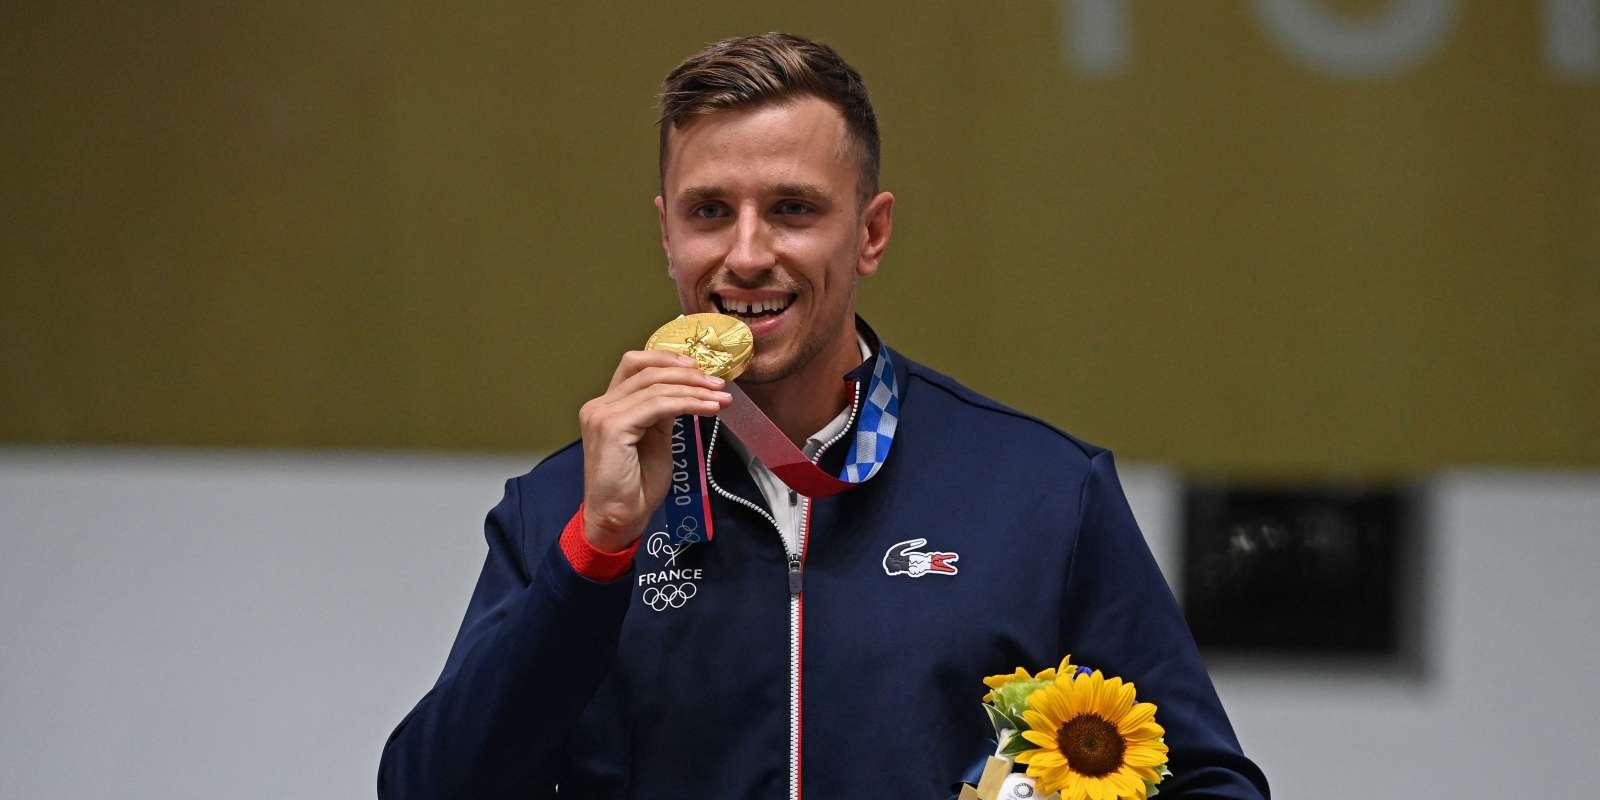 Après l'argent à Rio 2016, le Français s'est adjugé cette fois-ci l'or en 25 m pistolet feu rapide en égalant le record olympique.